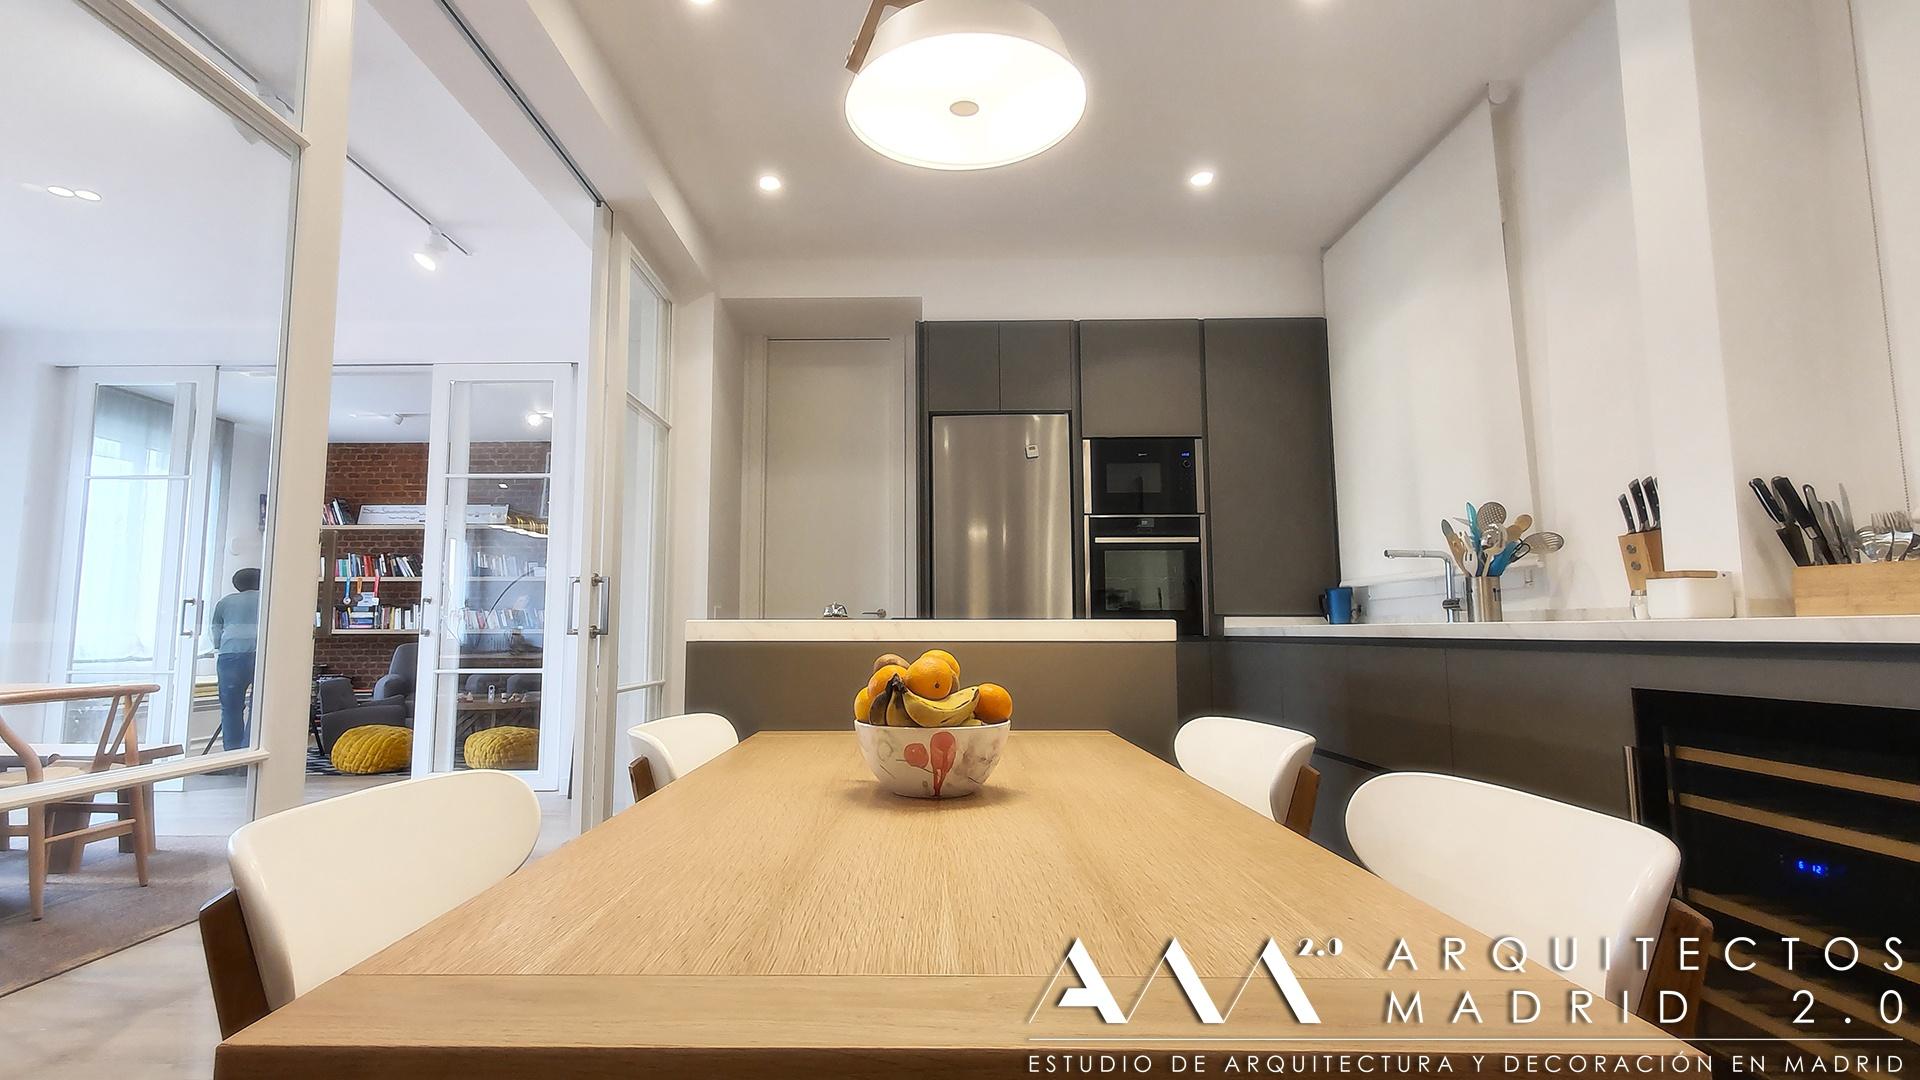 casas-de-lujo-proyecto-reforma-integral-vivienda-arquitectos-madrid-ideas-decoracion-salon-cocina-home-interior-design-12